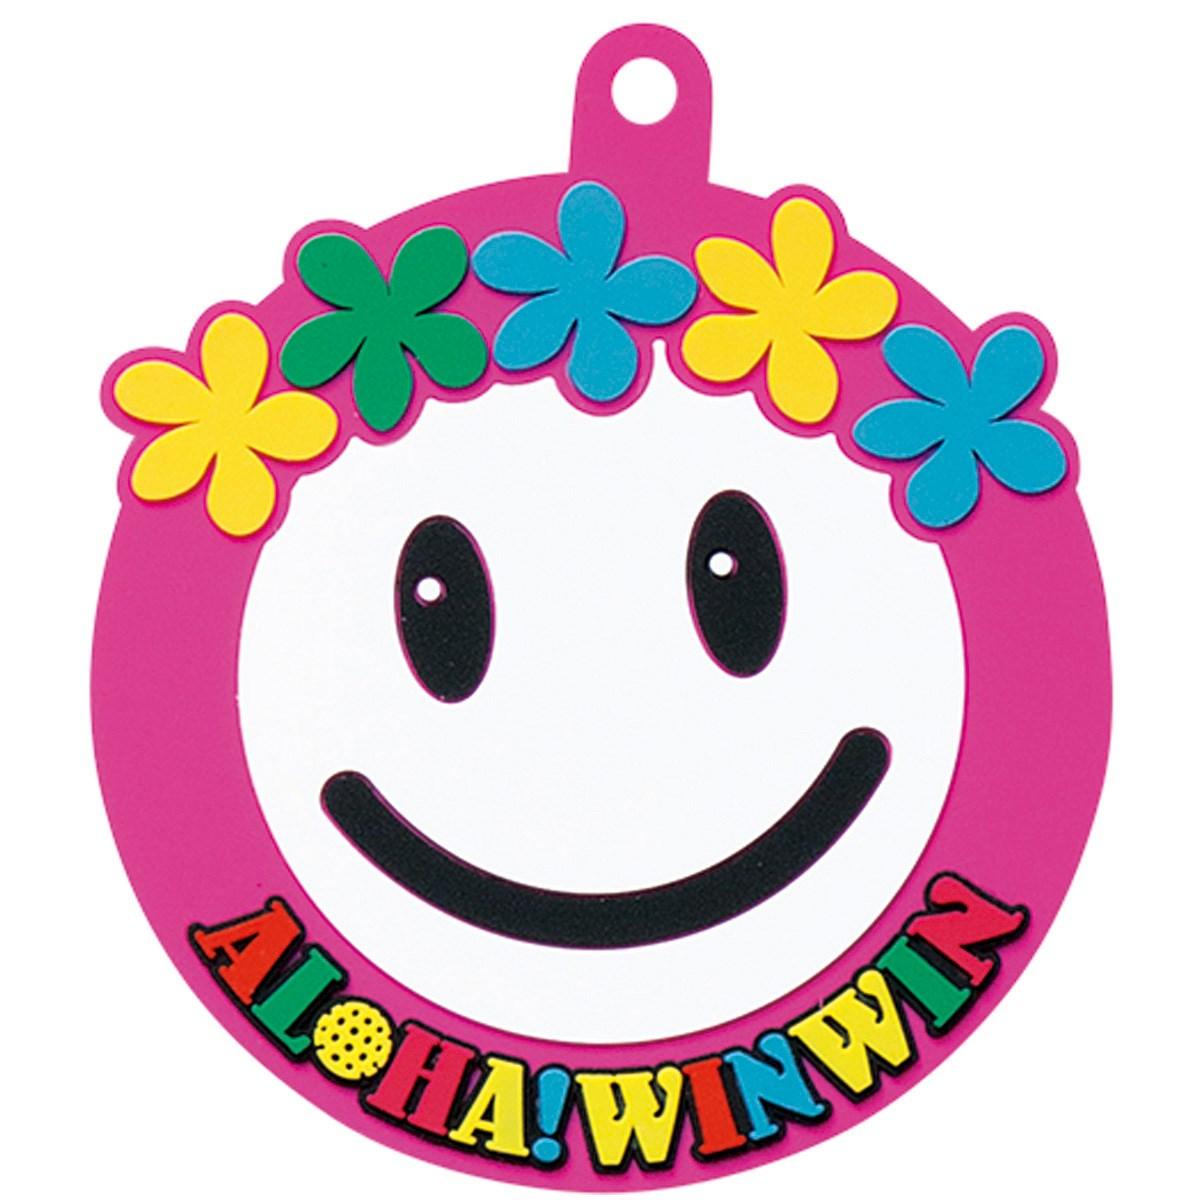 [2018年モデル] WINWIN STYLE ALOHA SMILEパターキャッチャー ピンク メンズ ゴルフ